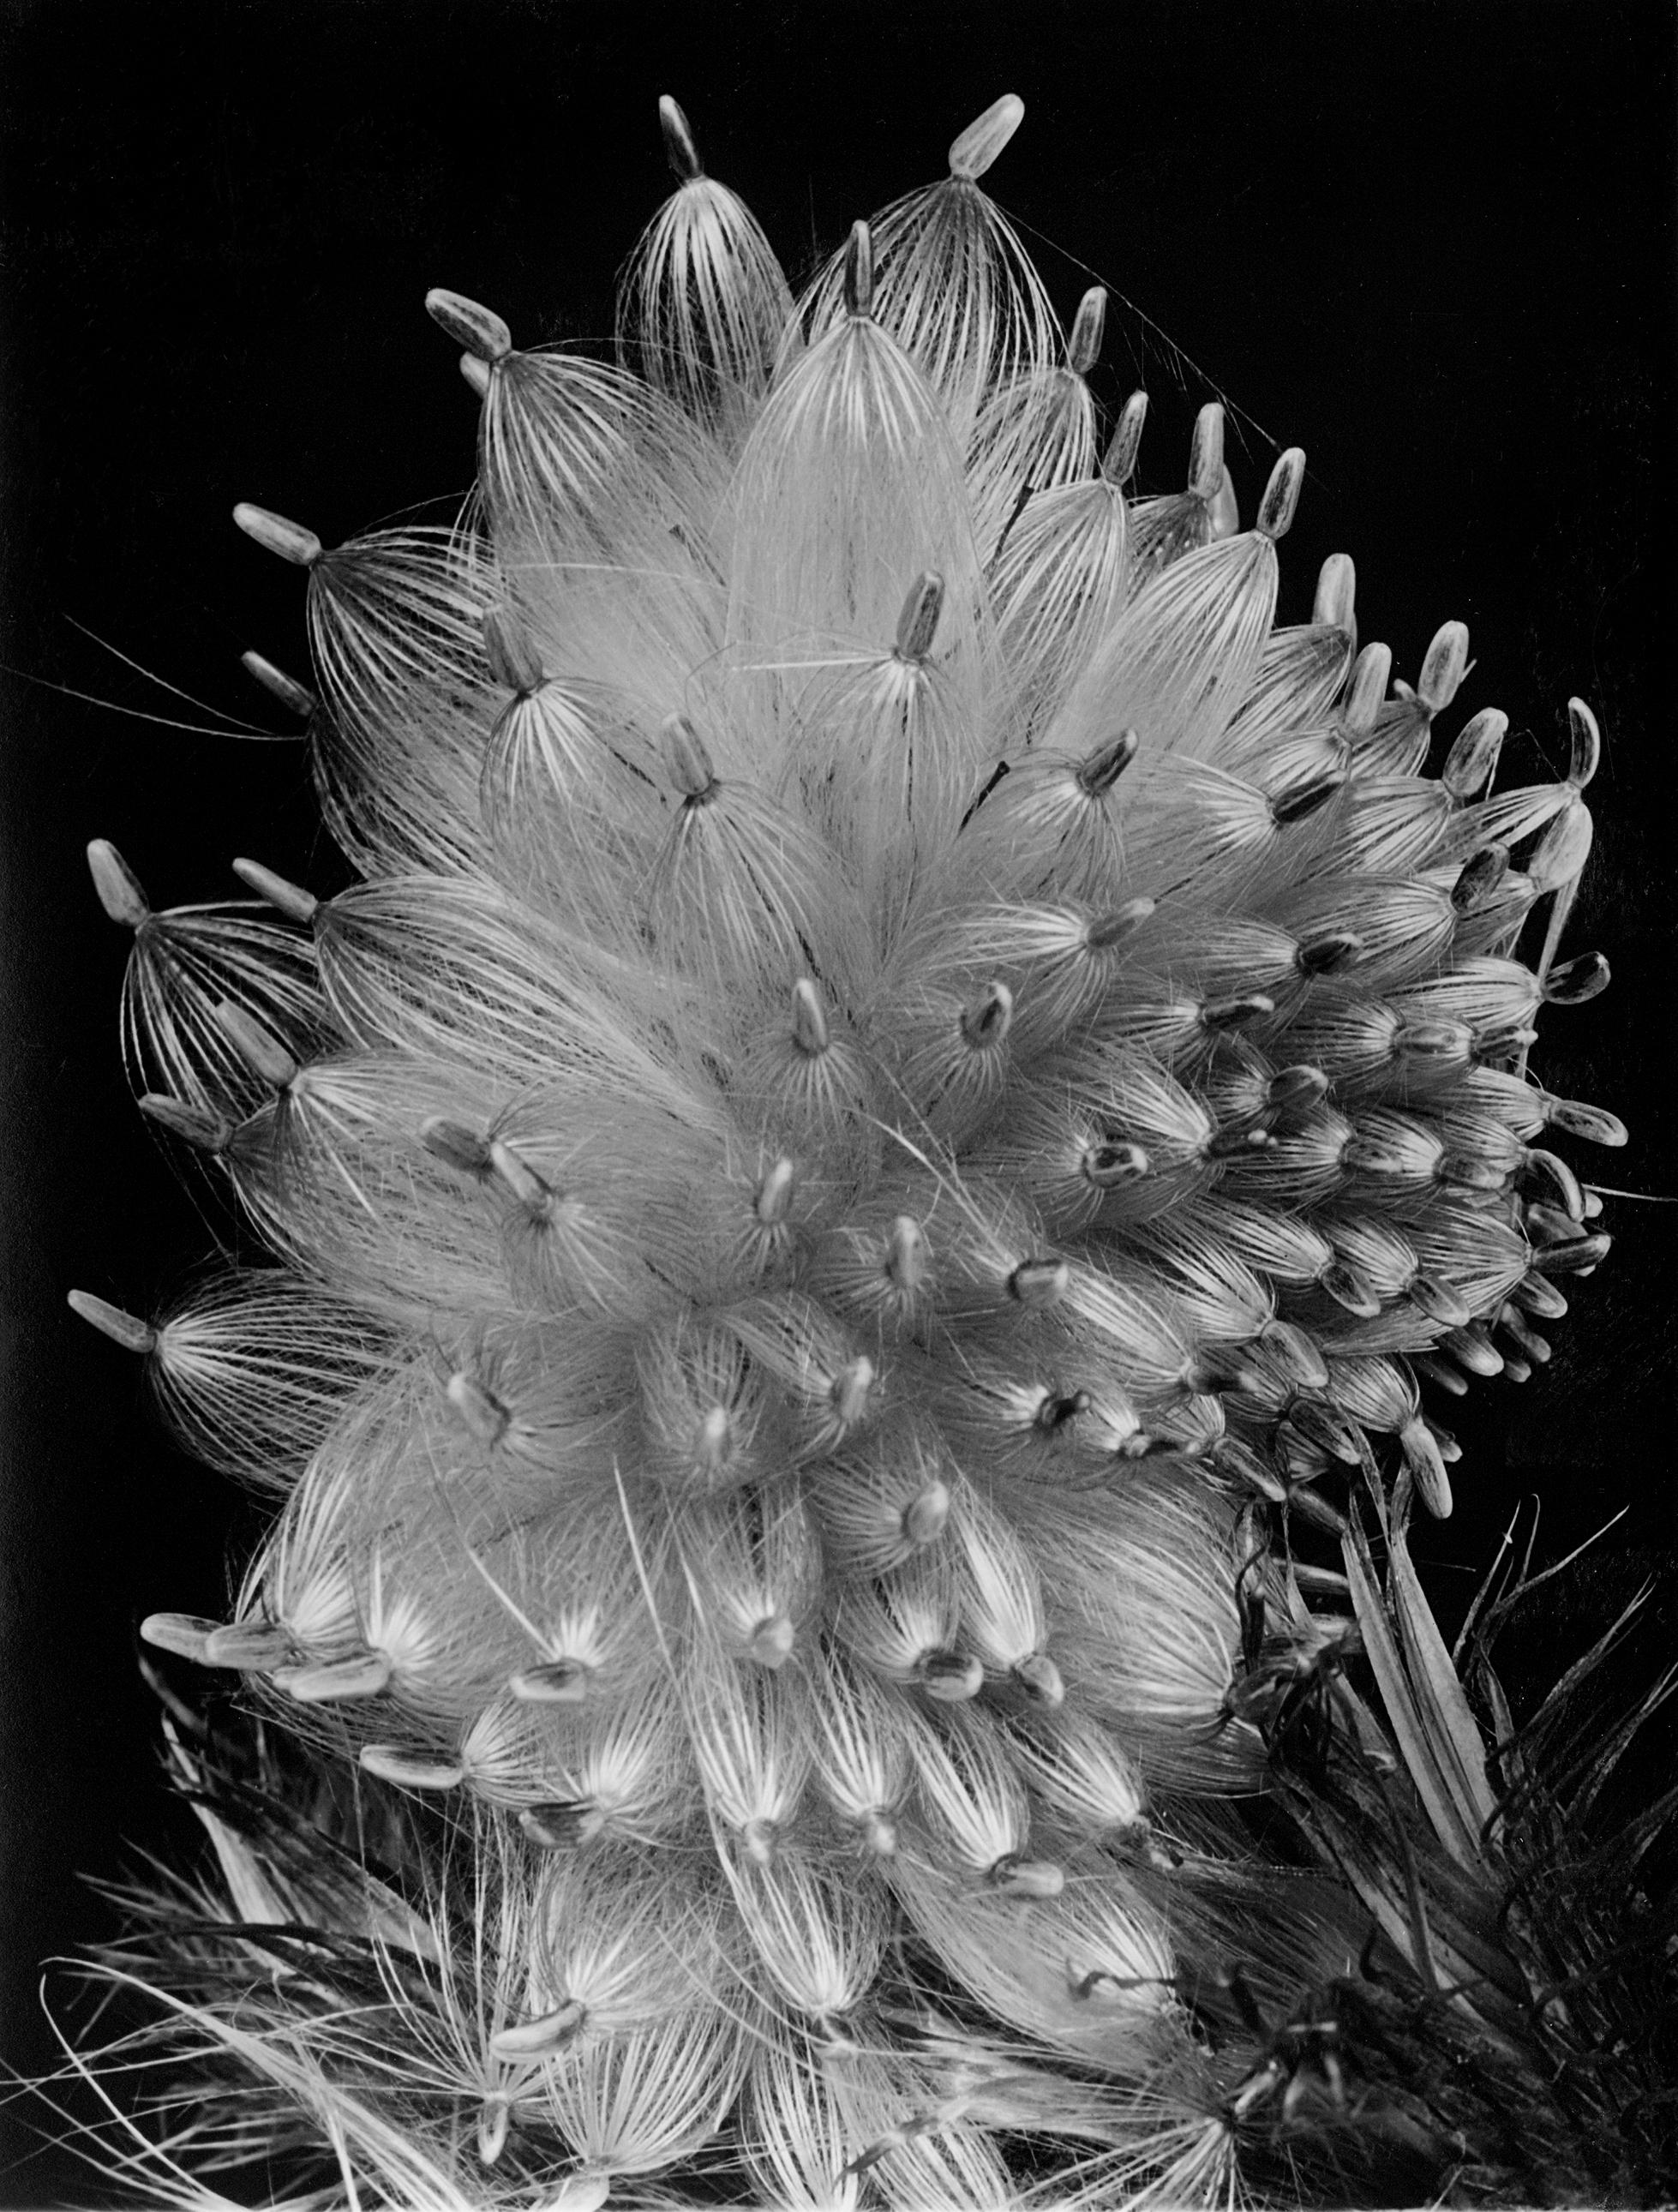 Fred Koch (1904-1947) Distel-Samen. Compositae - Cirsium lanceolatum, undatiert Silbergelatineabzug auf Barytpapier, 22,1 x 16,8 cm Courtesy Stiftung F.C. Gundlach, Hamburg